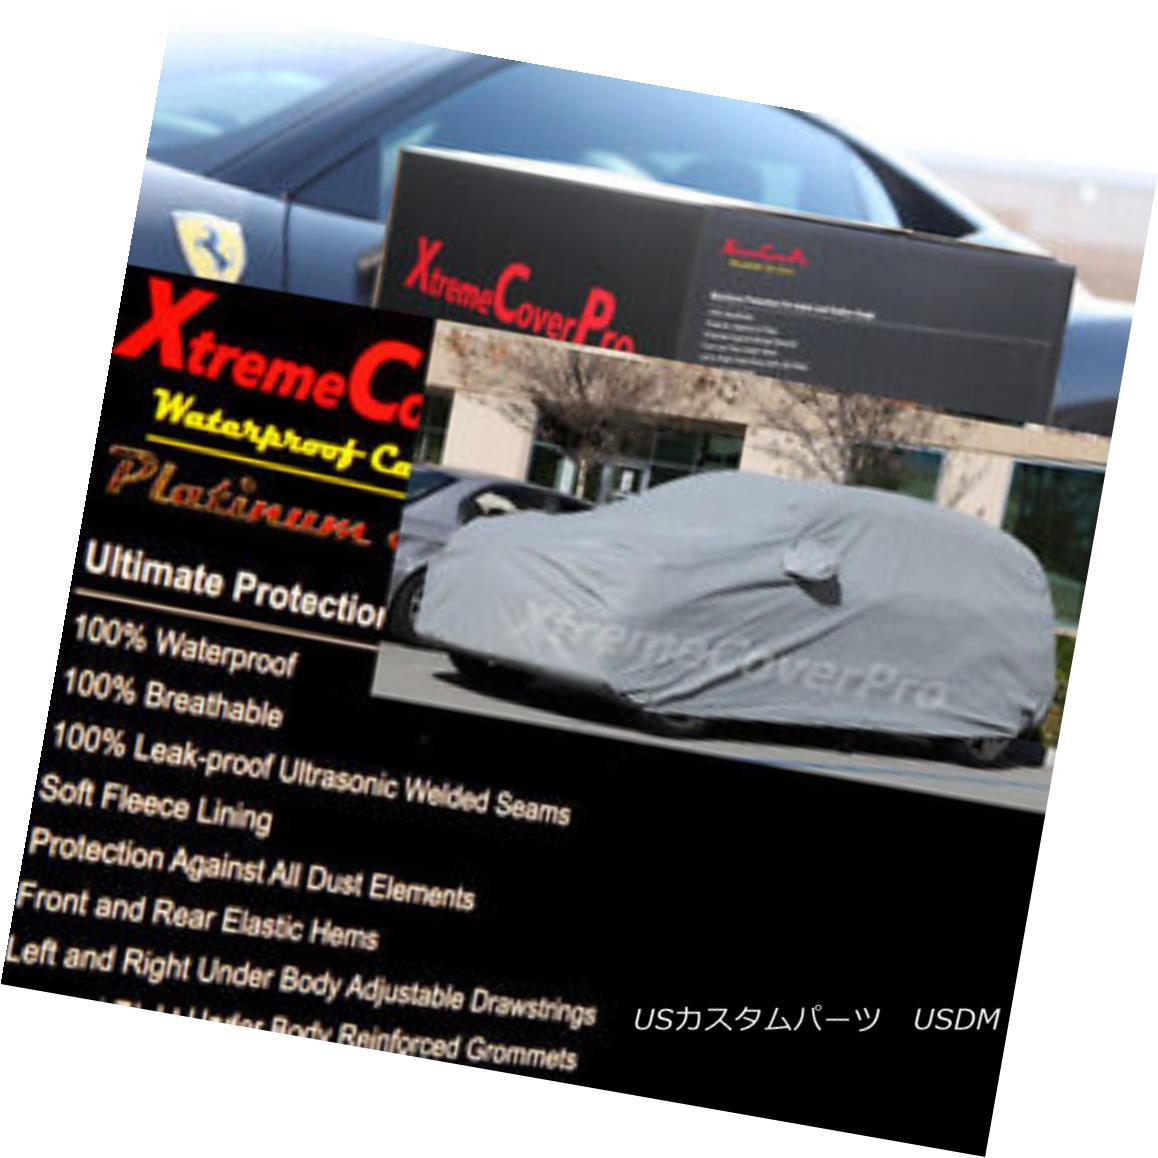 カーカバー 2015 LAND ROVER RANGE ROVER LWB Waterproof Car Cover w/Mirror Pockets - Gray 2015 LAND ROVER RANGE ROVER LWBミラーポケット付き防水カーカバー - グレー